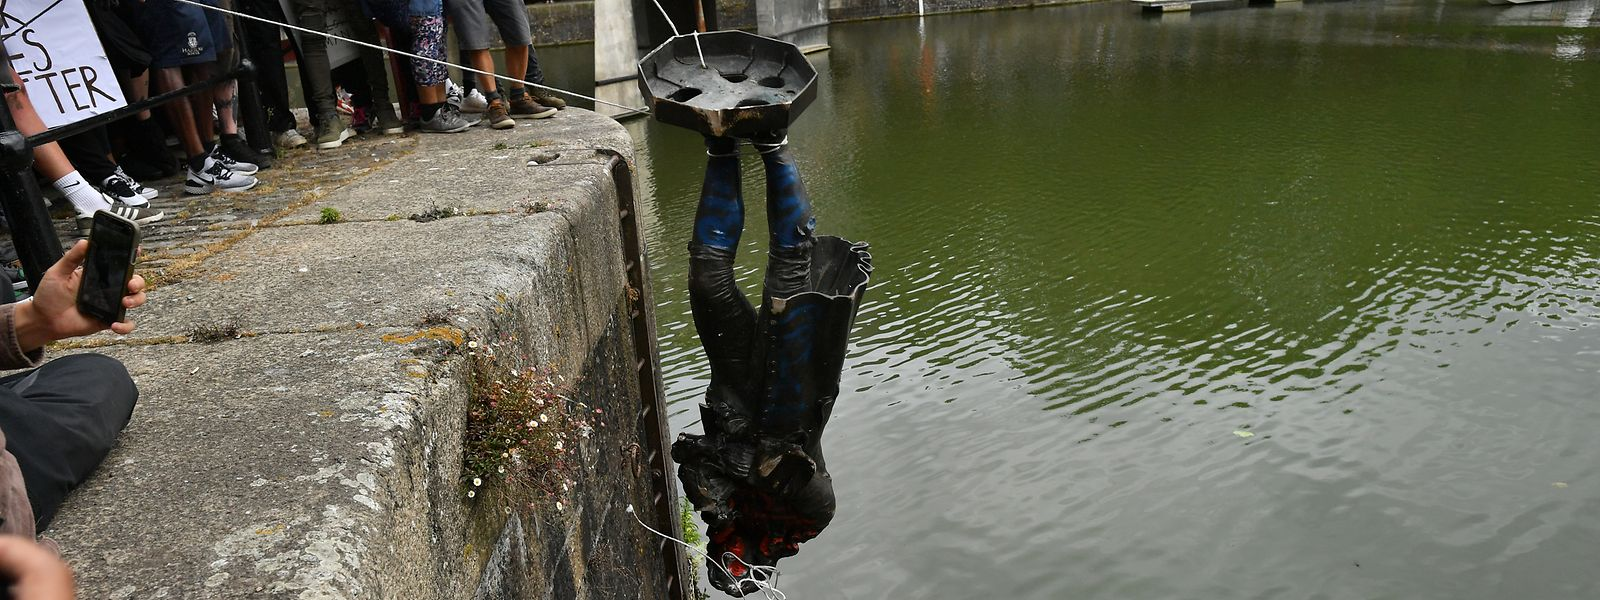 Demonstranten versenken im Hafen von Bristol bei einem Protest gegen Rassismus und Polizeigewalt die Statue von Edward Colston.